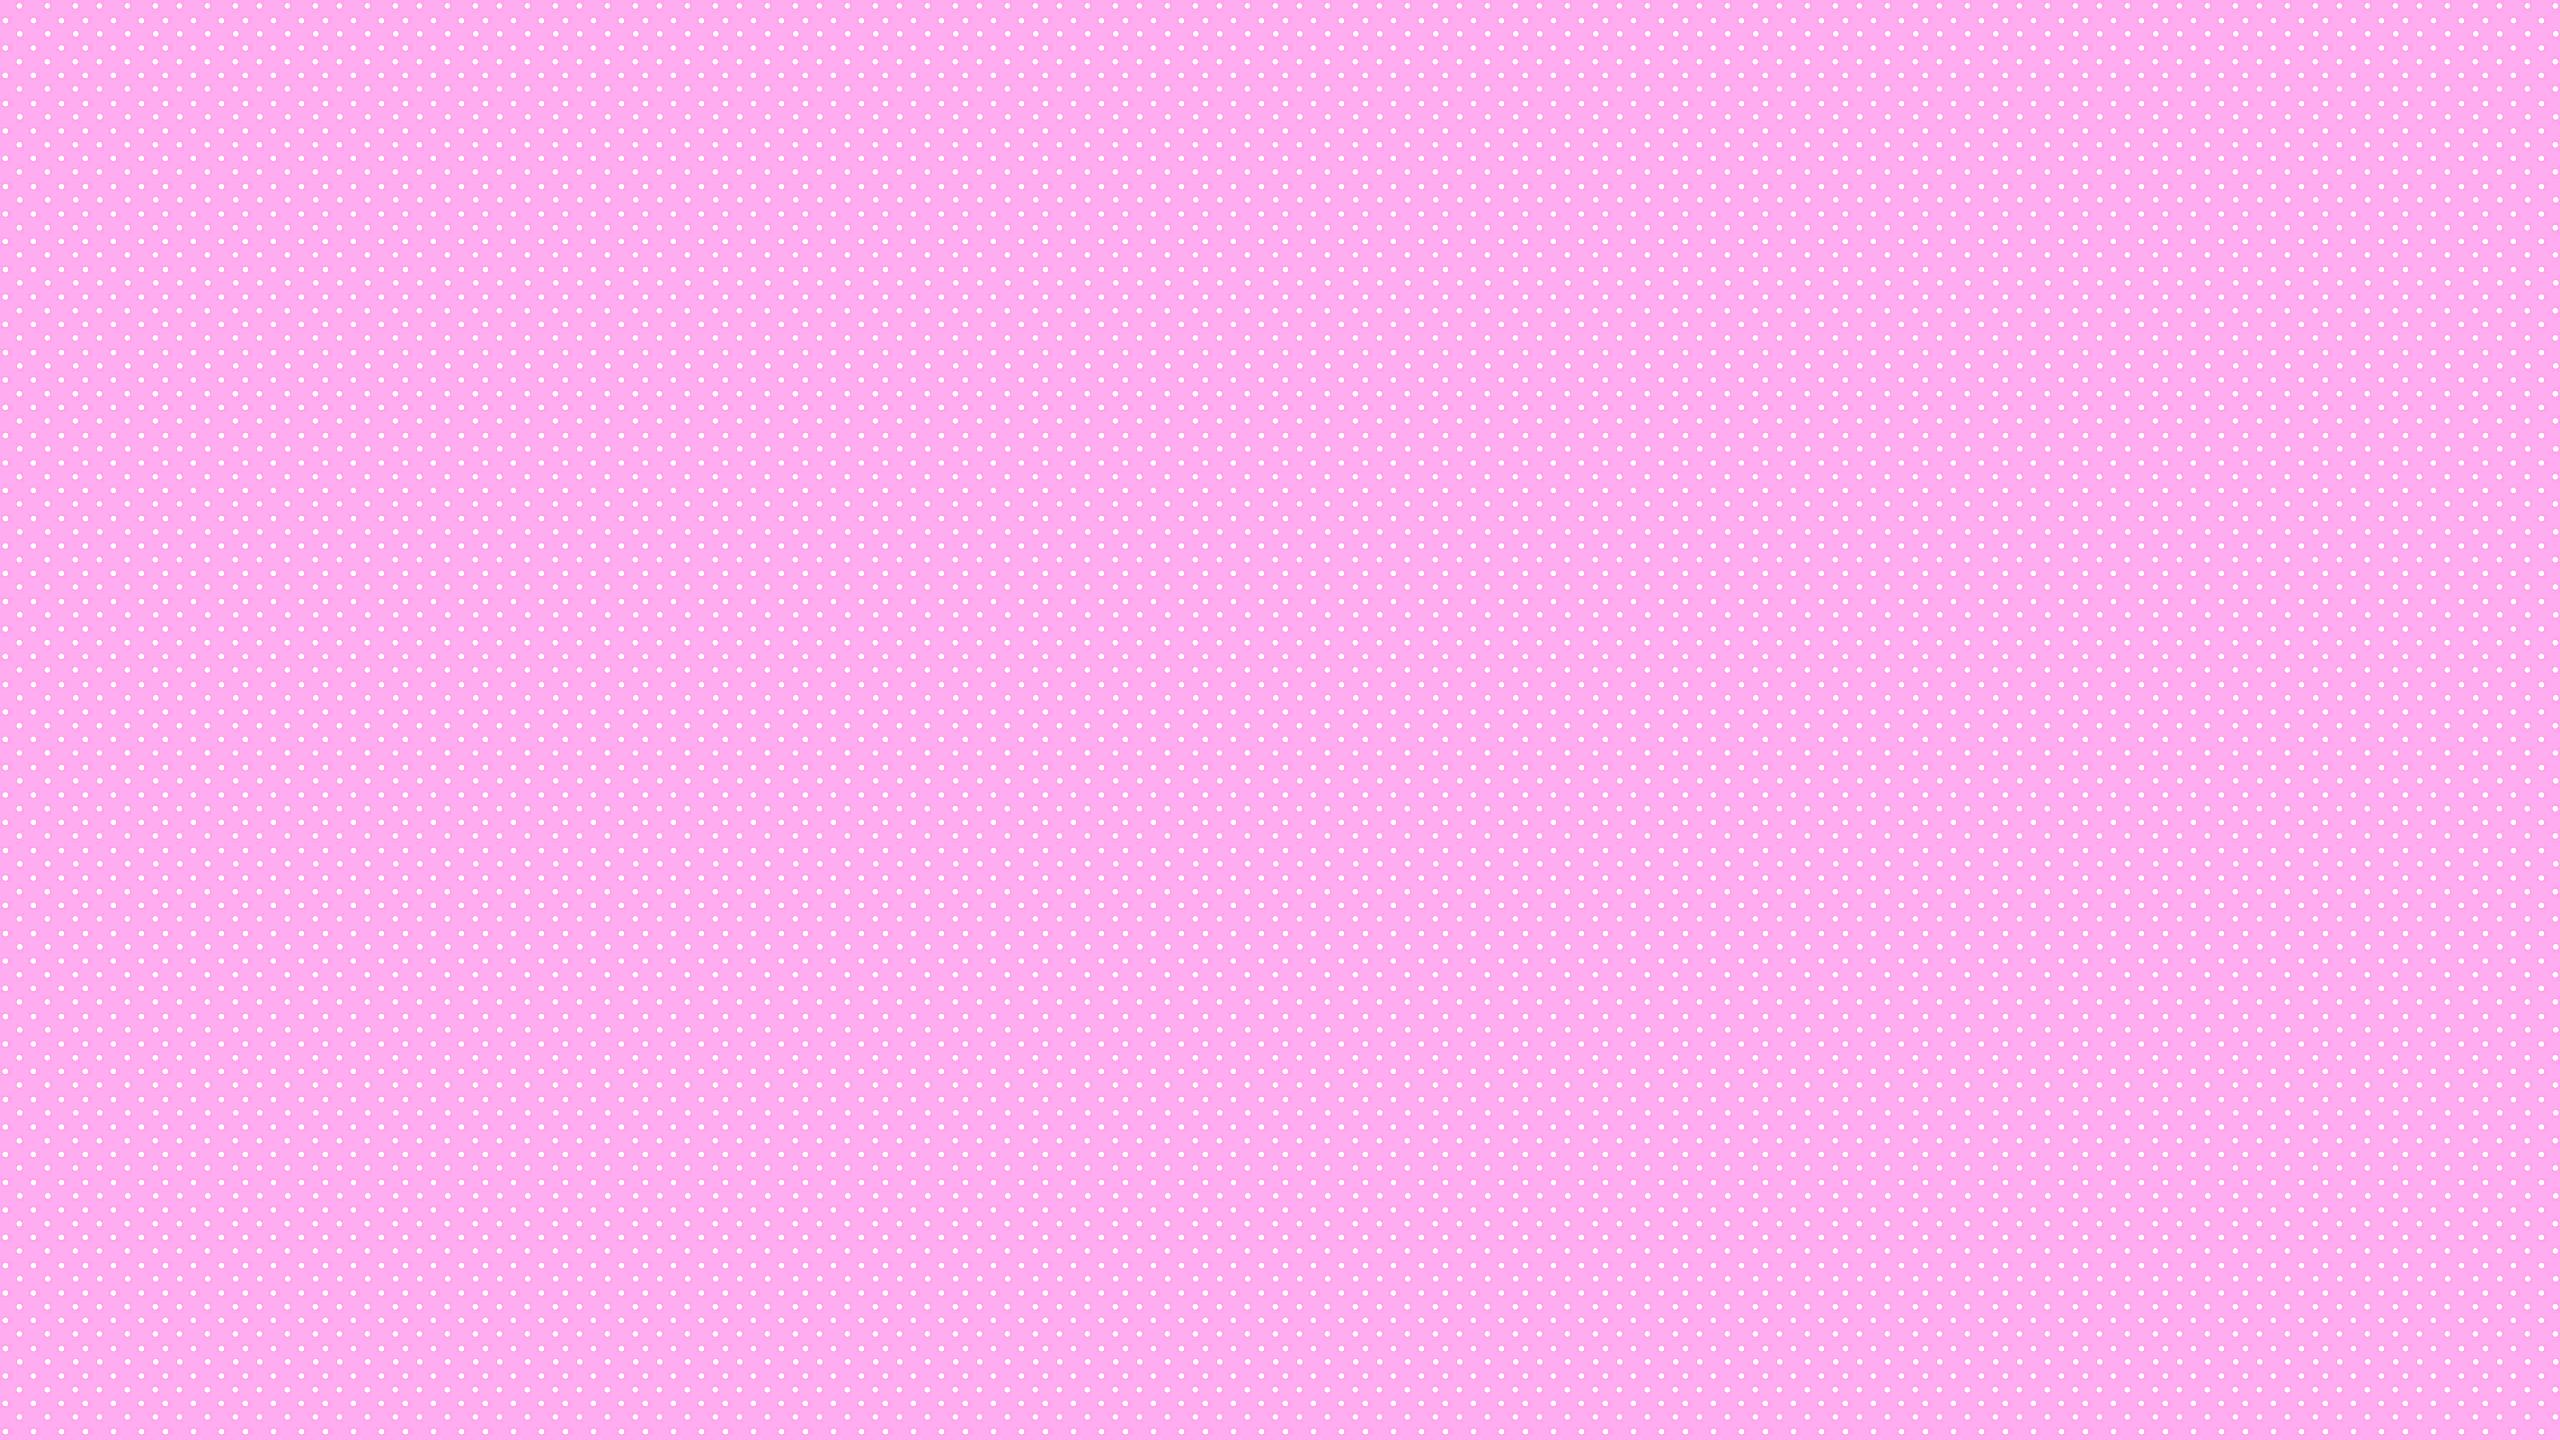 Pink Backgrounds Wallpaper Wallpapersafari